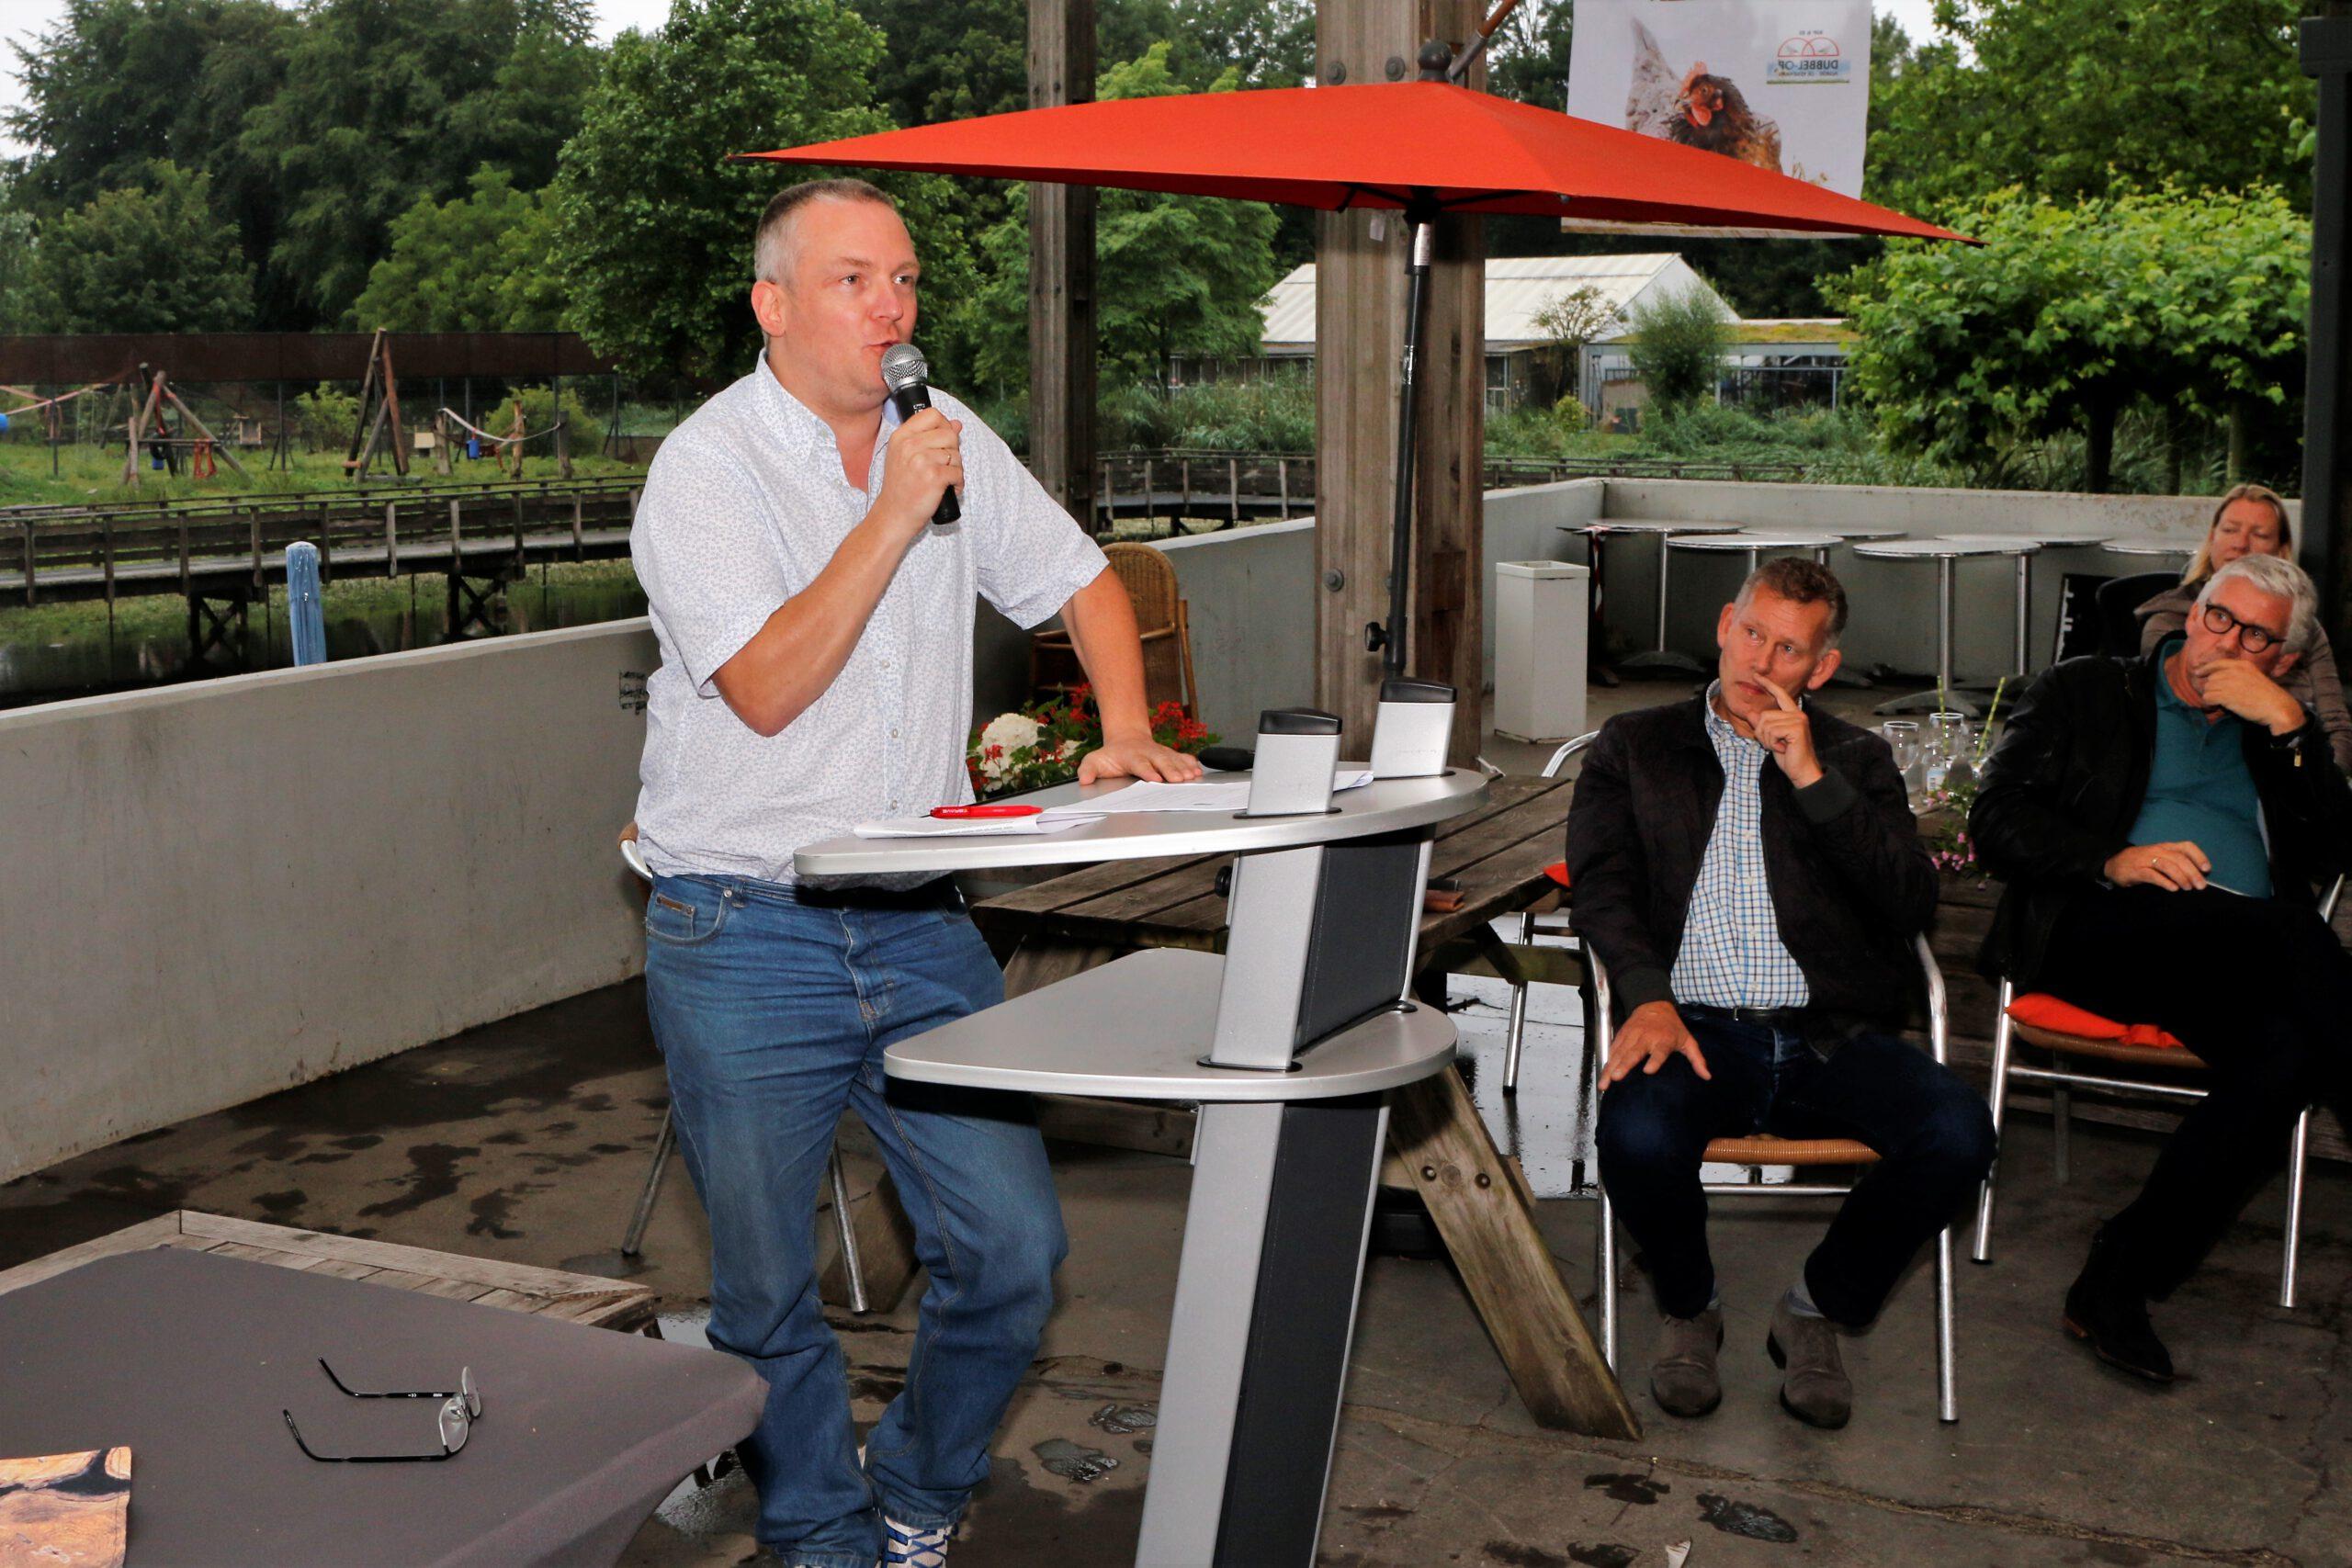 Uitgever Jacco van den Boogaart van ISJB Uitgevers bij wie Gouden Bergen is verschenen